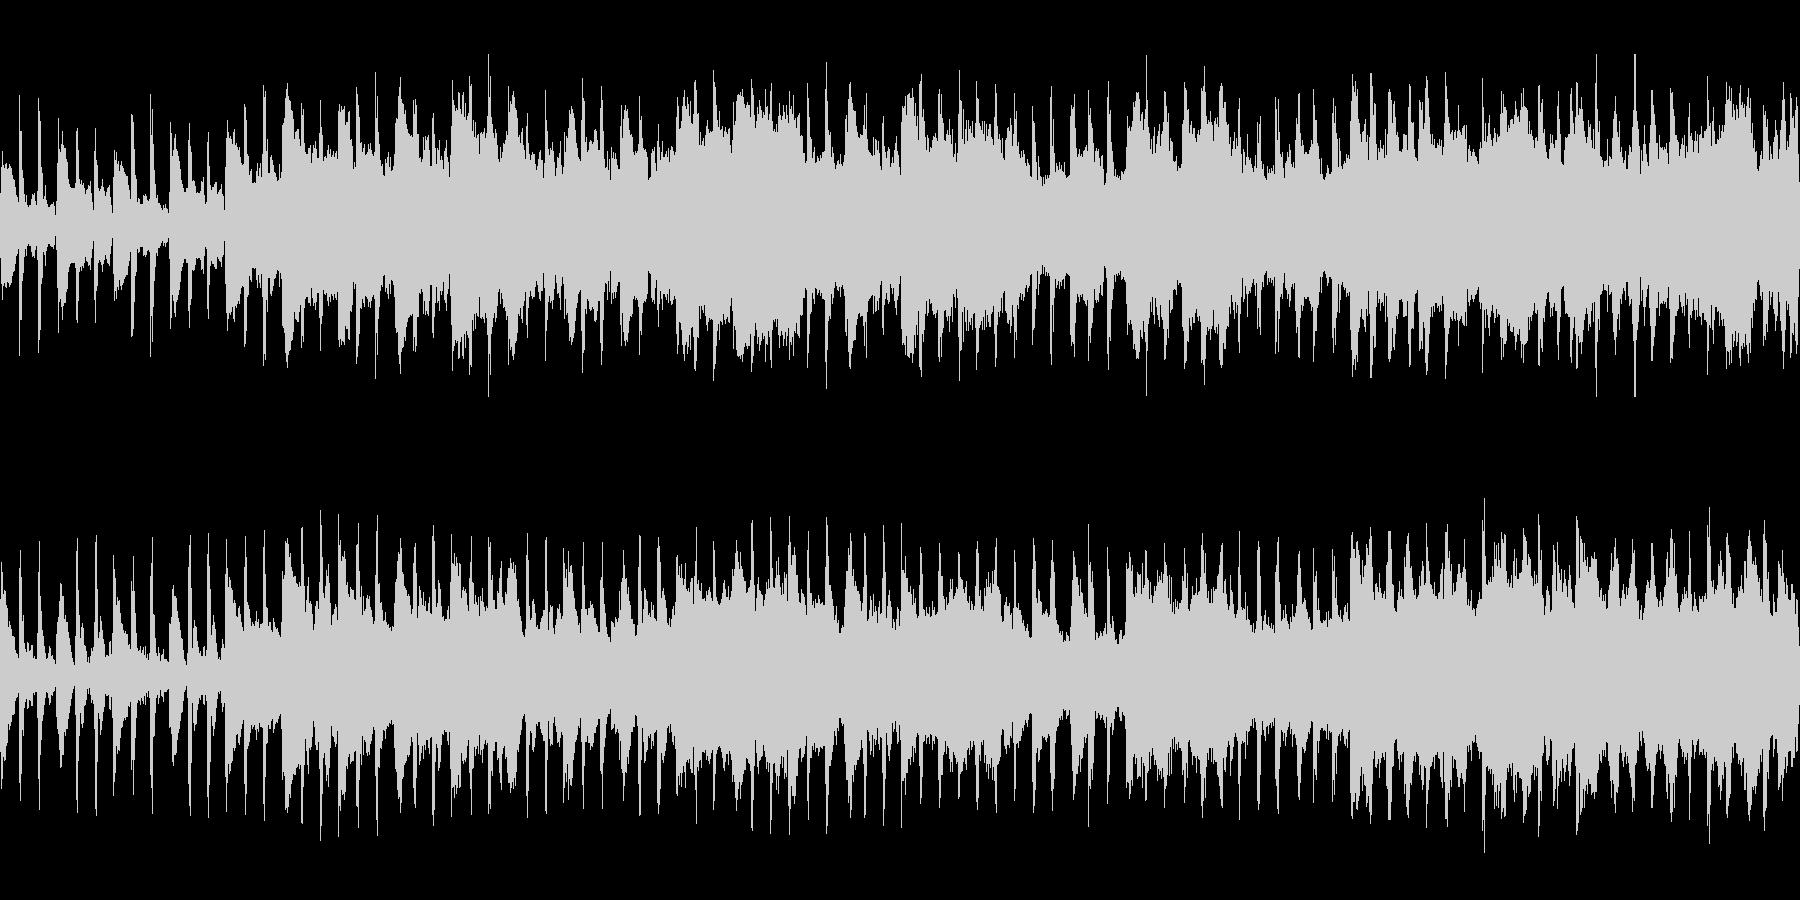 洞窟 FF風 ループの未再生の波形